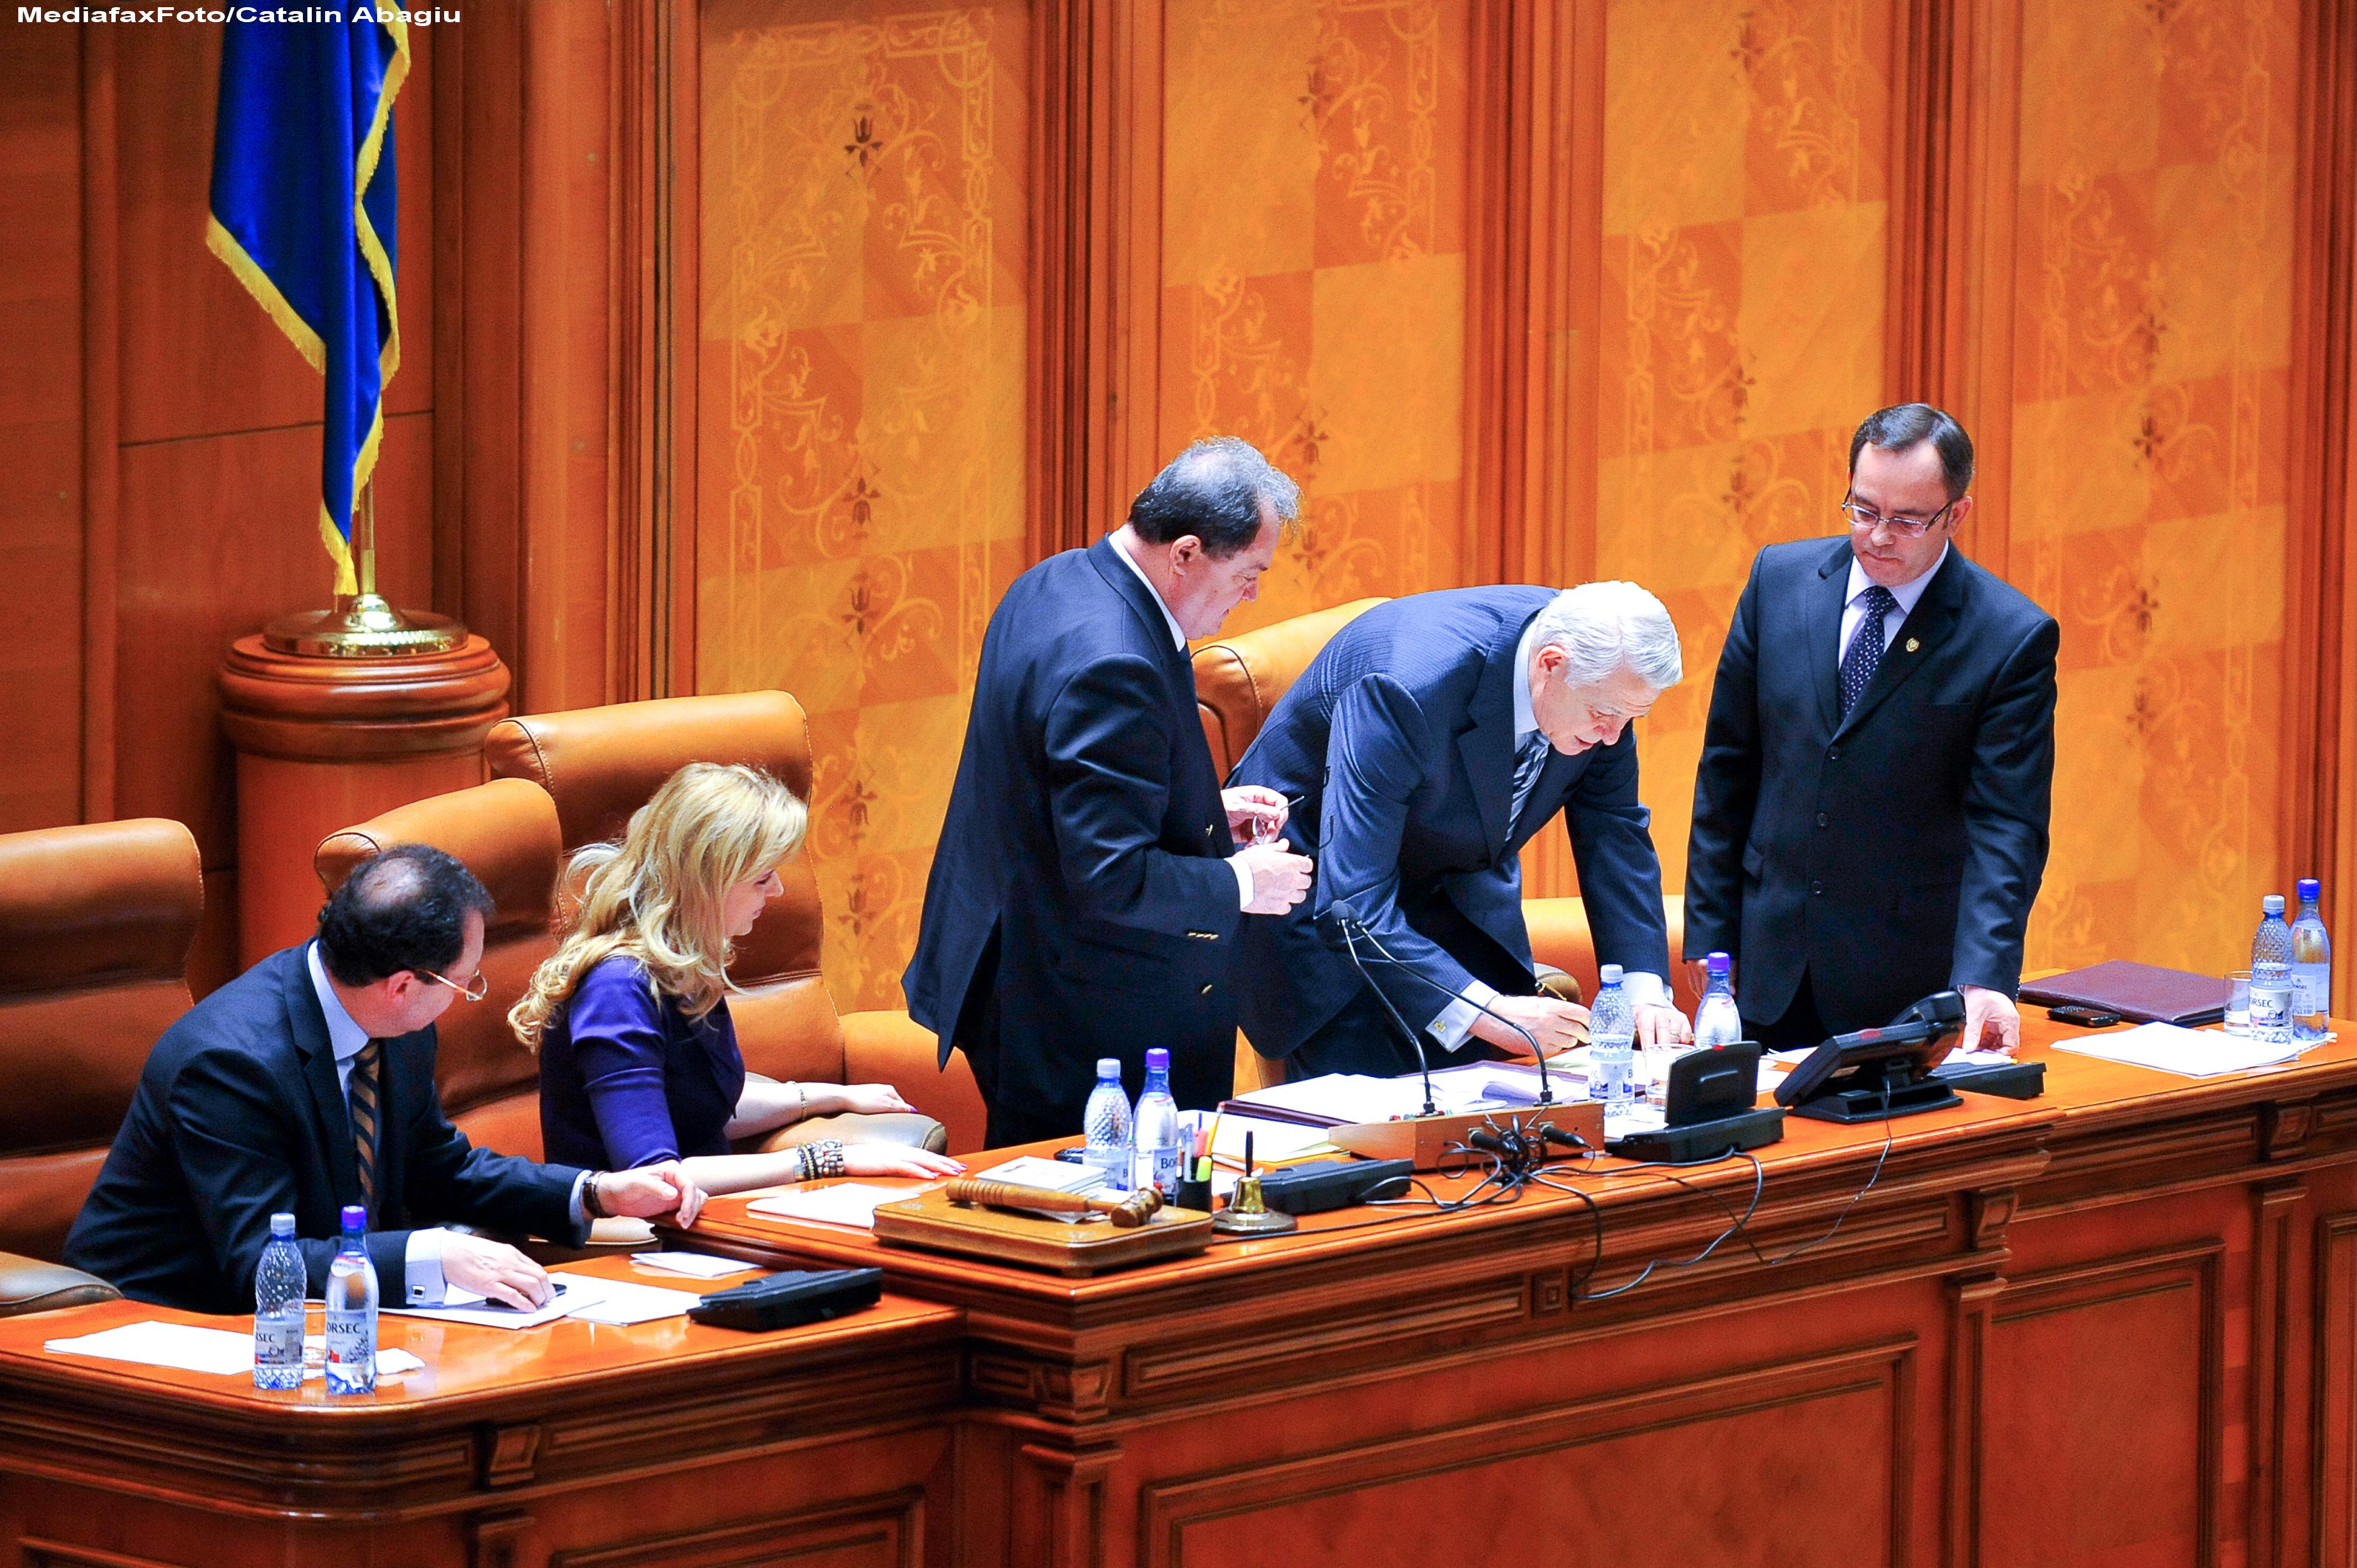 Directorul SIE, Teodor Melescanu, si-a anuntat demisia din Senat: